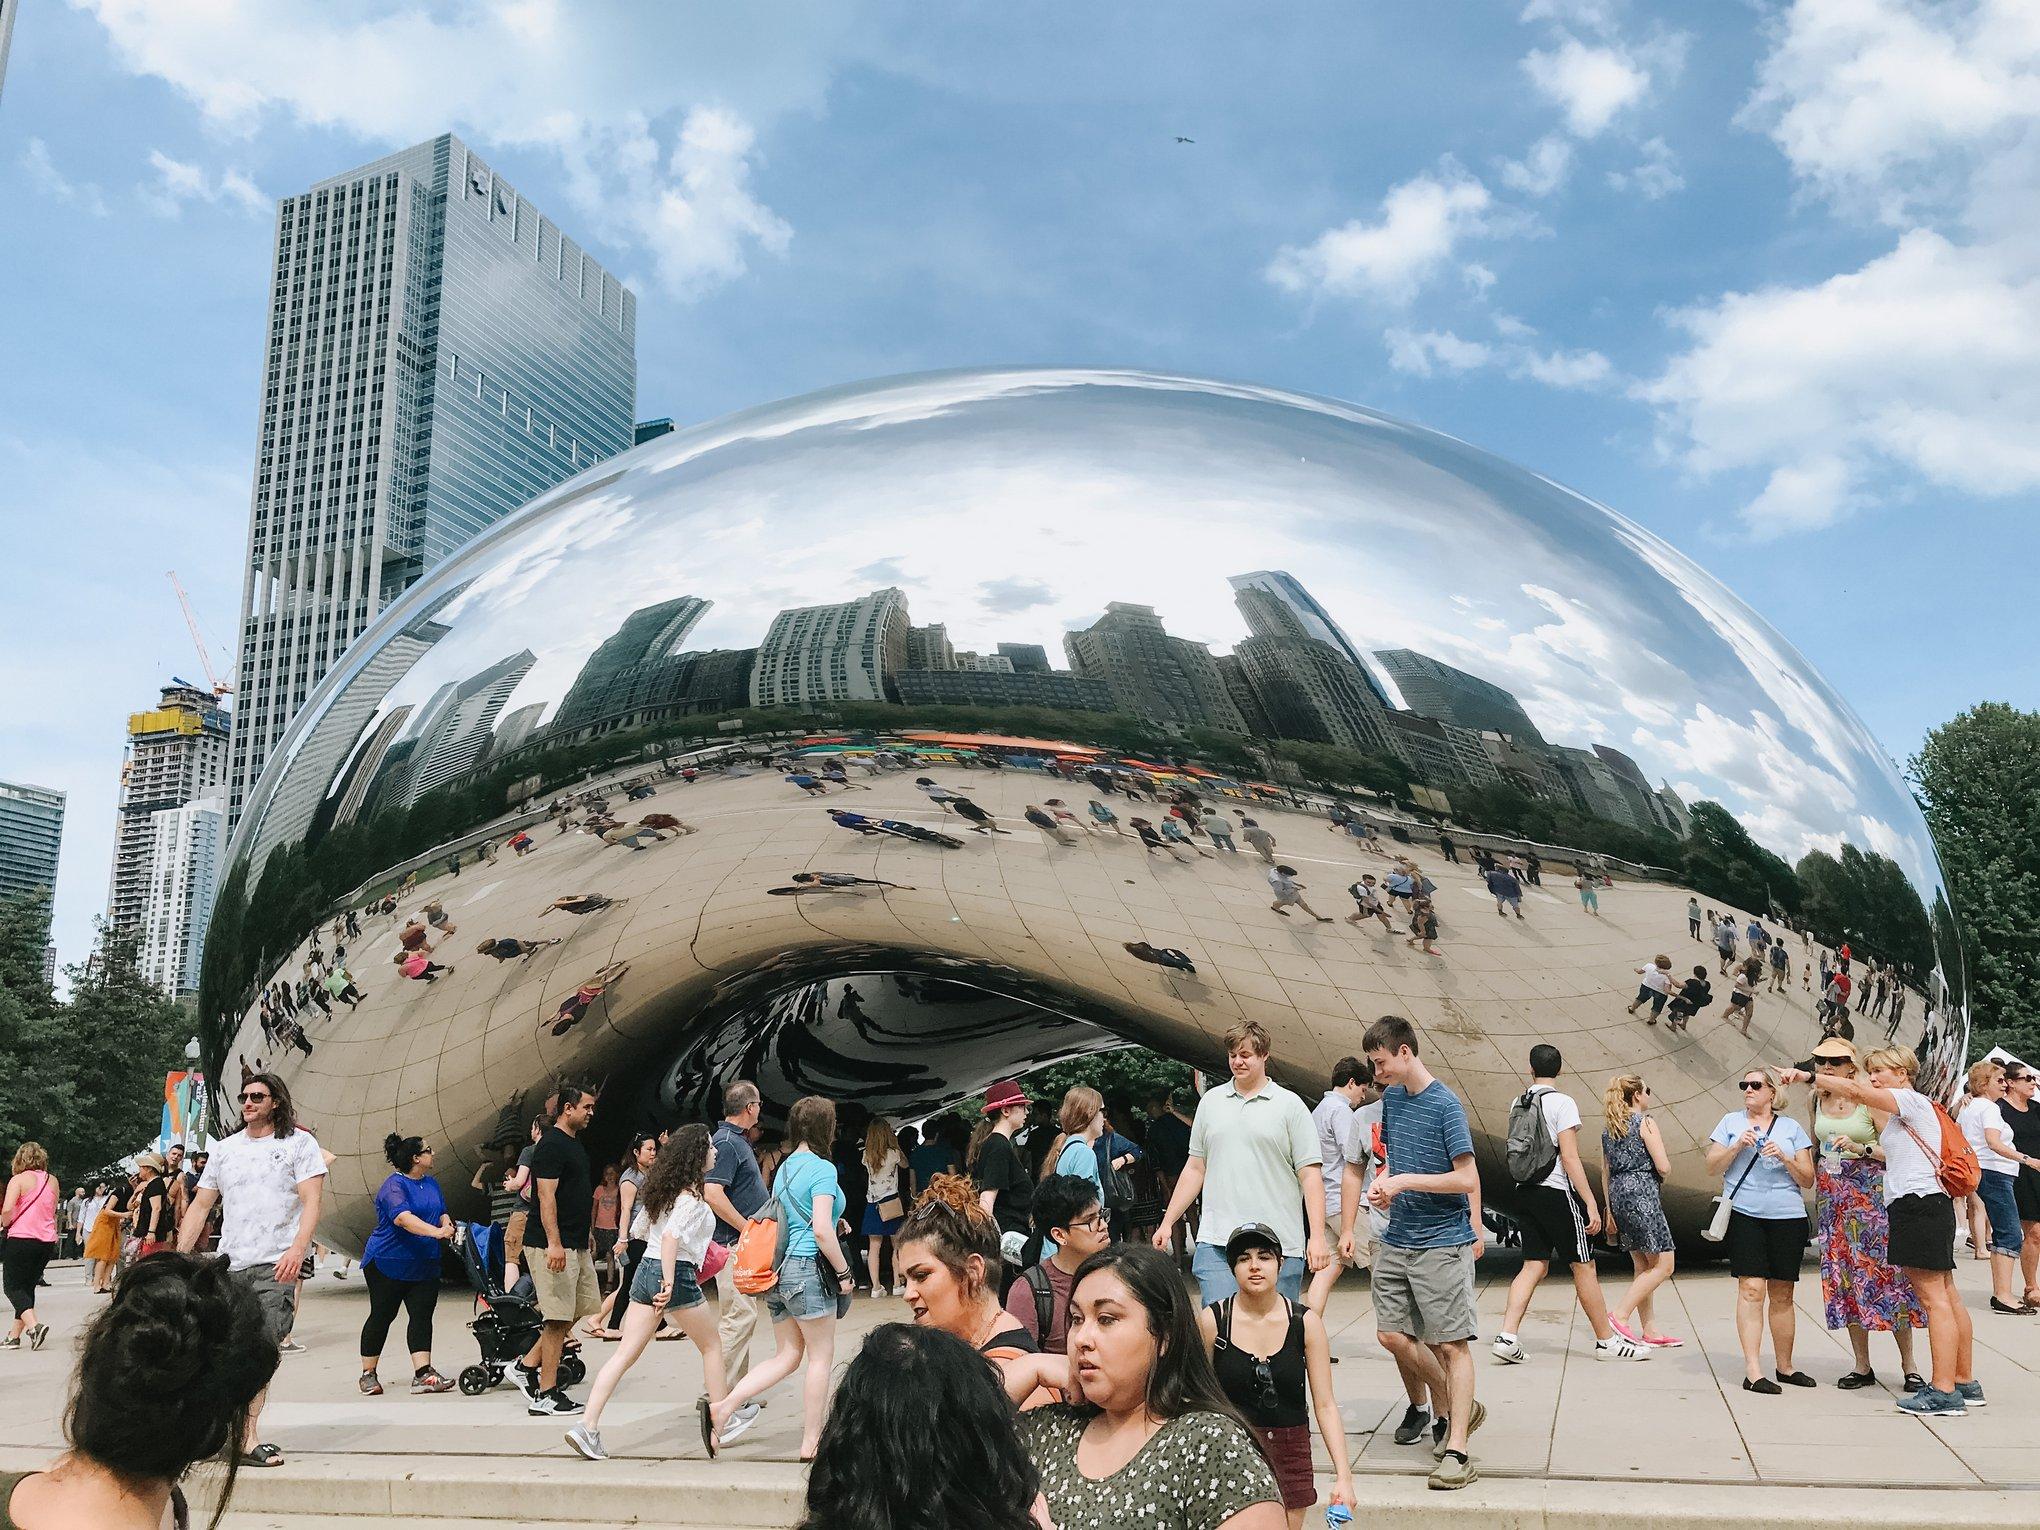 Chicago-Lena-Mirisola-Travel-Guide-26.jpg